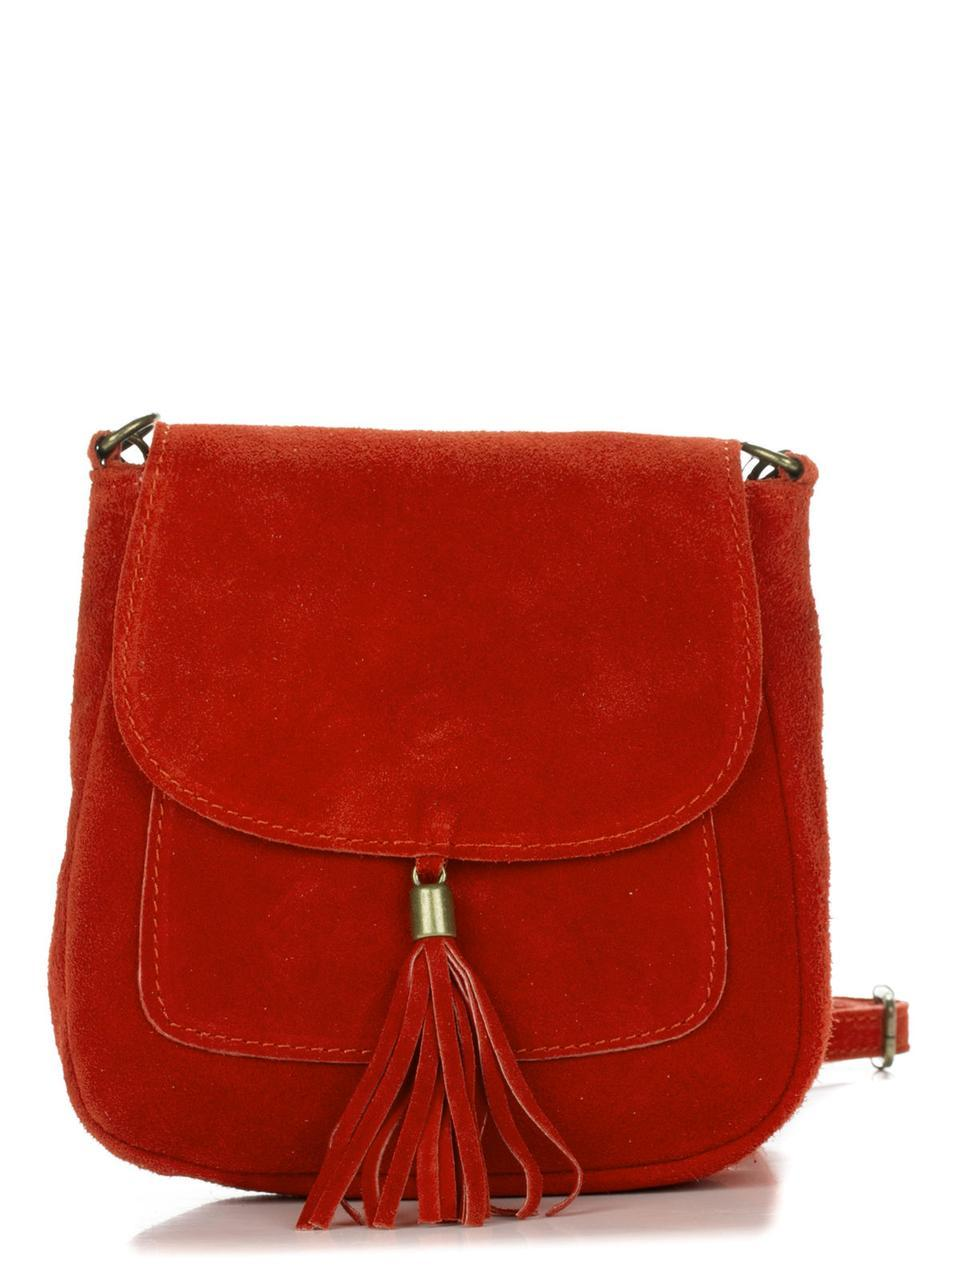 Жіноча шкіряна сумка LANIRA diva's Bag колір червоний